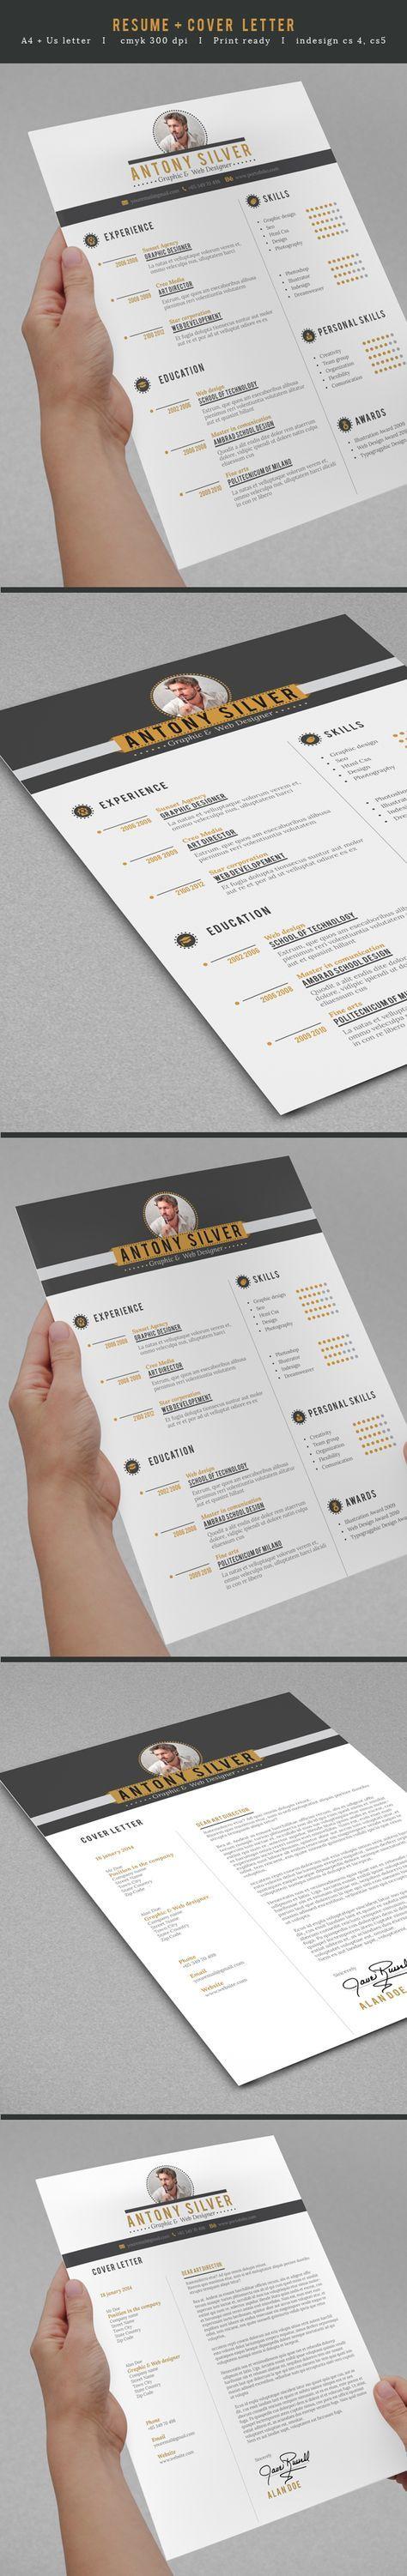 #creative #curriculum vitae #lebenslauf #bewerbung #bewerbungsschreiben #design